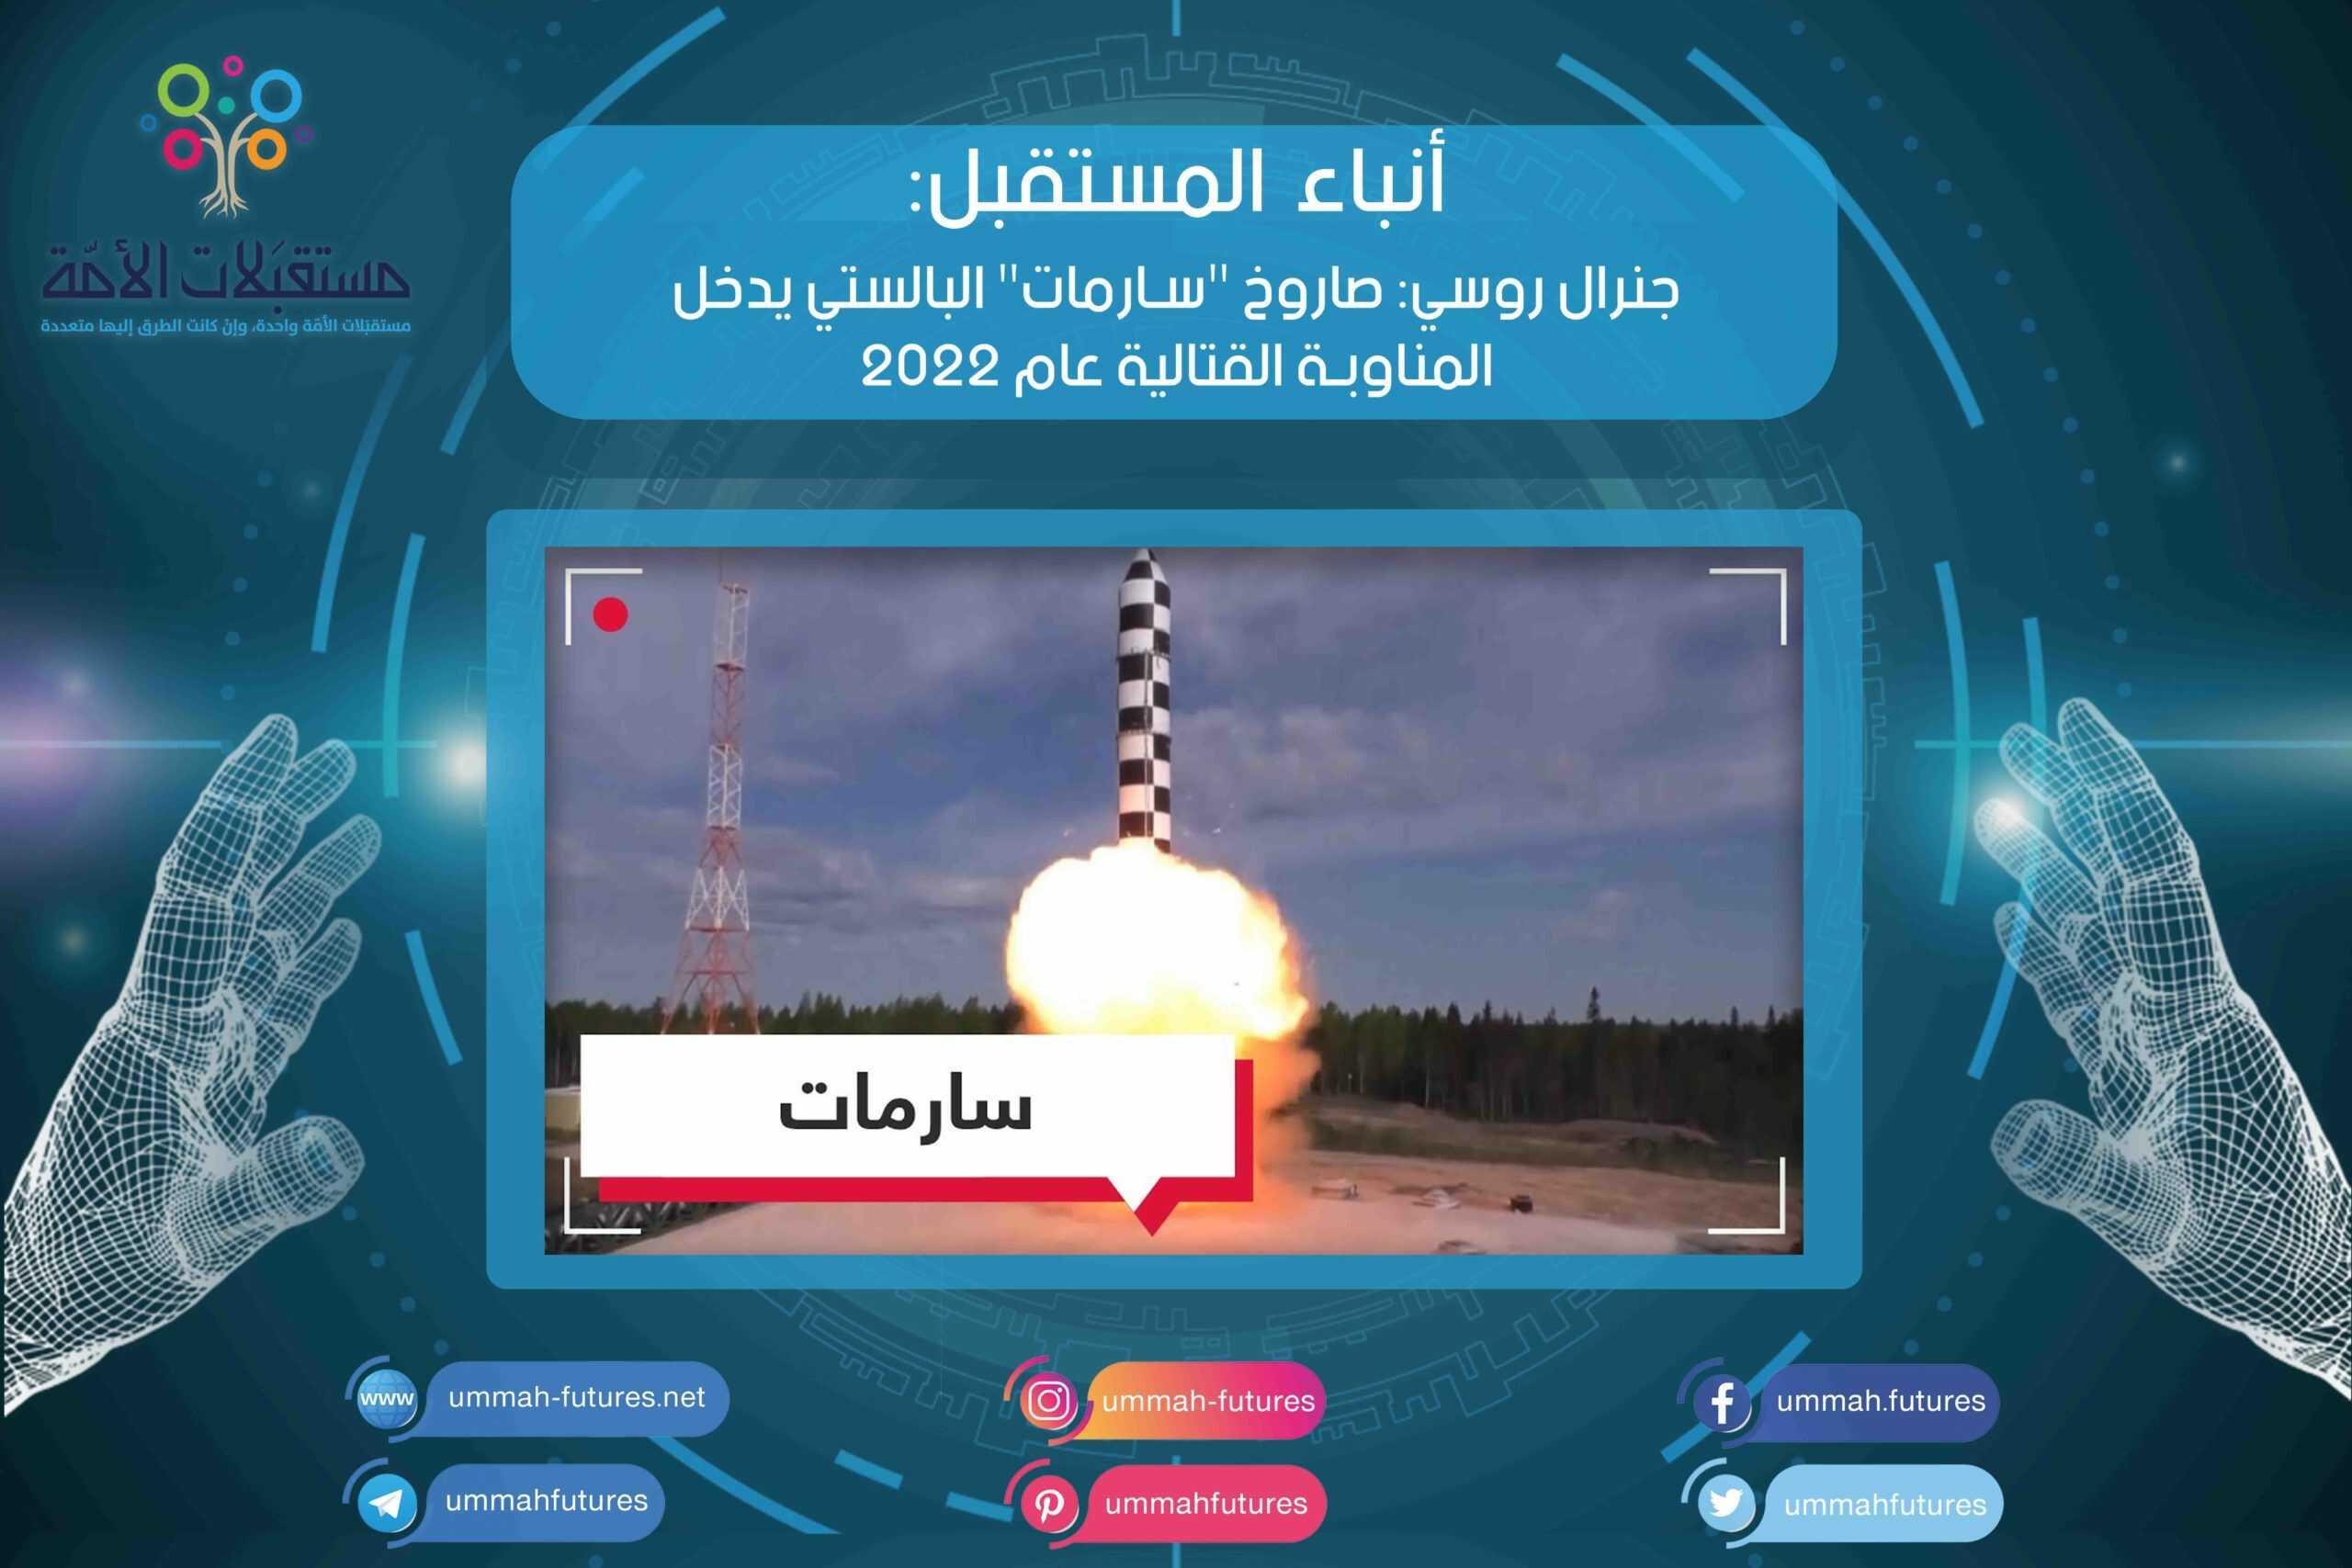 """جنرال روسي: صاروخ """"سارمات"""" البالستي يدخل المناوبة القتالية عام 2022"""